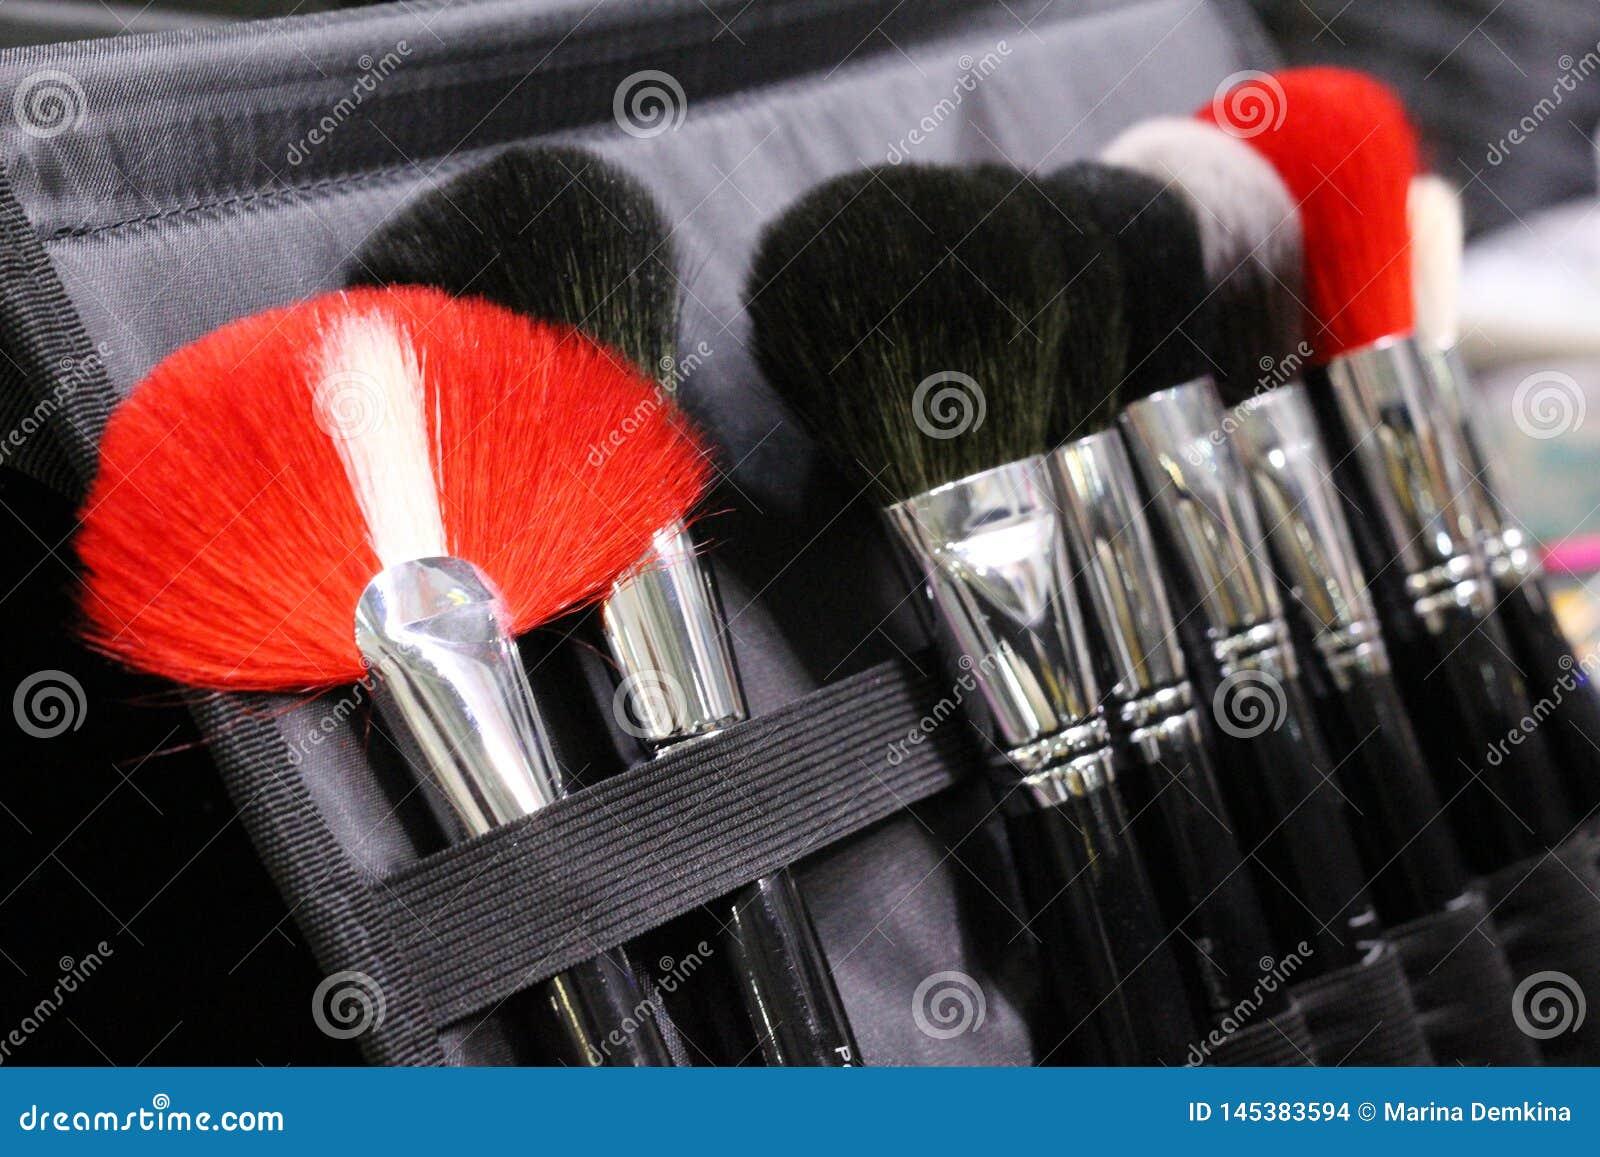 Ein Satz Make-upbürsten in einem Fall Bürstet Schwarzes, Rotes und weißes